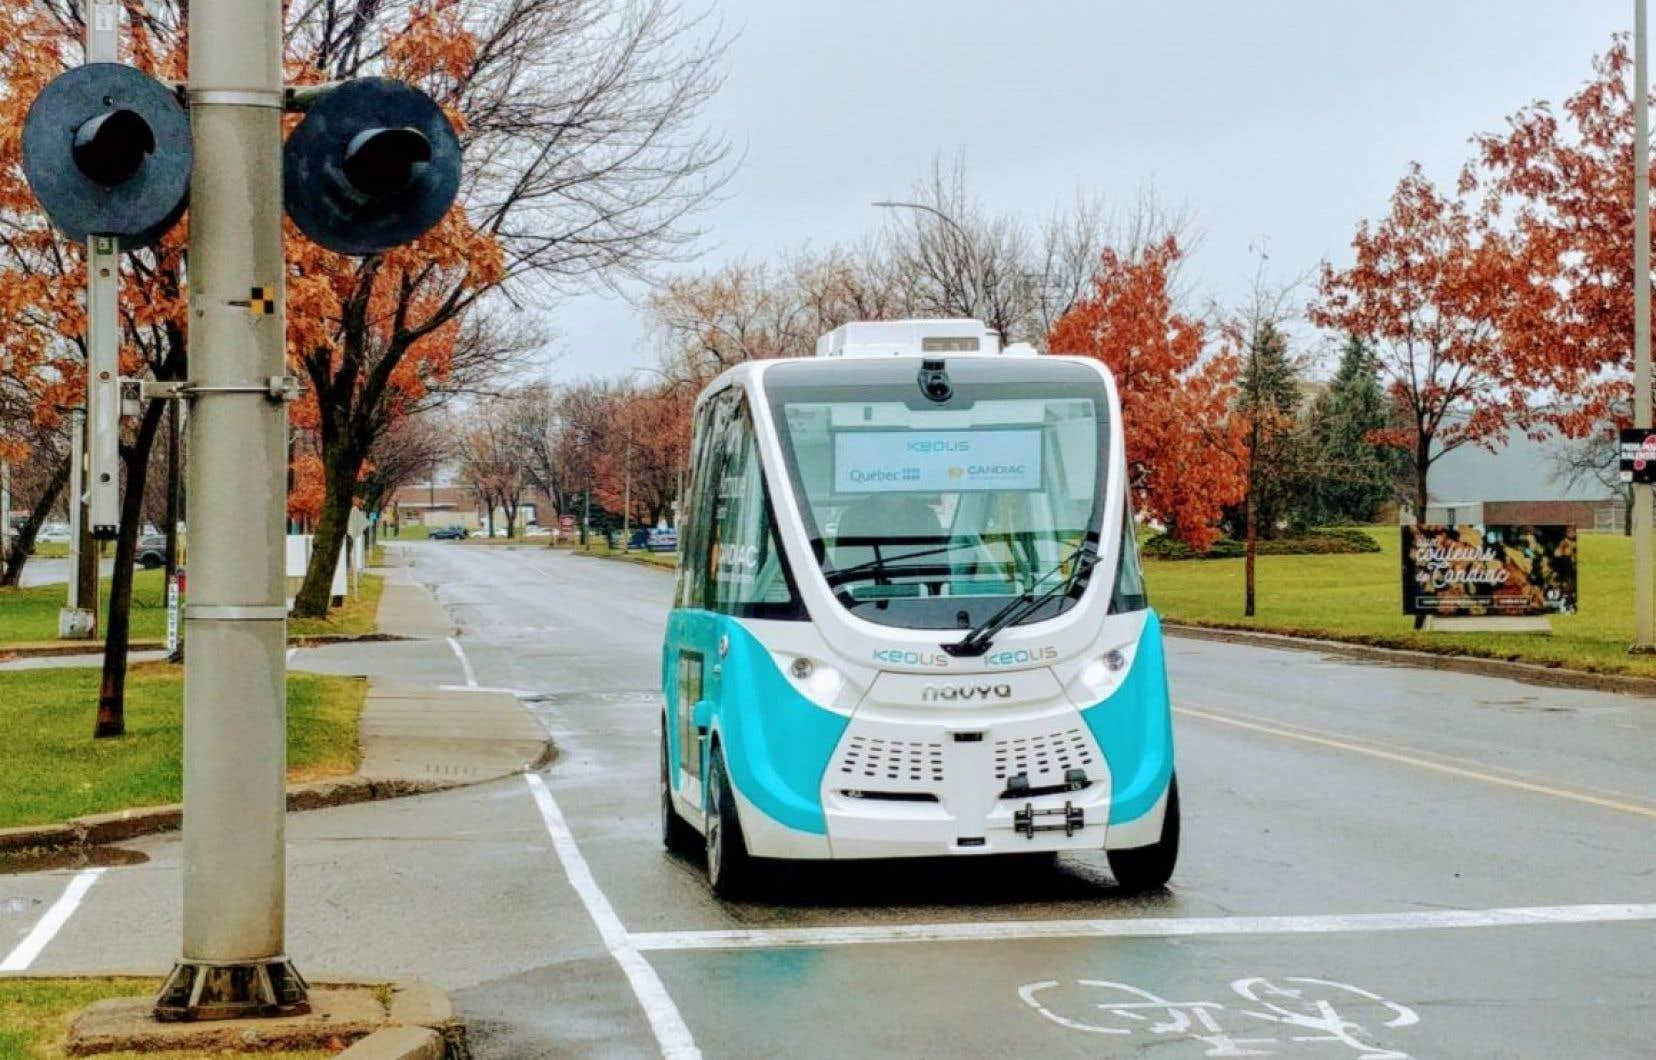 Certaines villes développent d'ambitieux projets pour s'adapter et réduire leurs émissions de gaz à effet de serre.